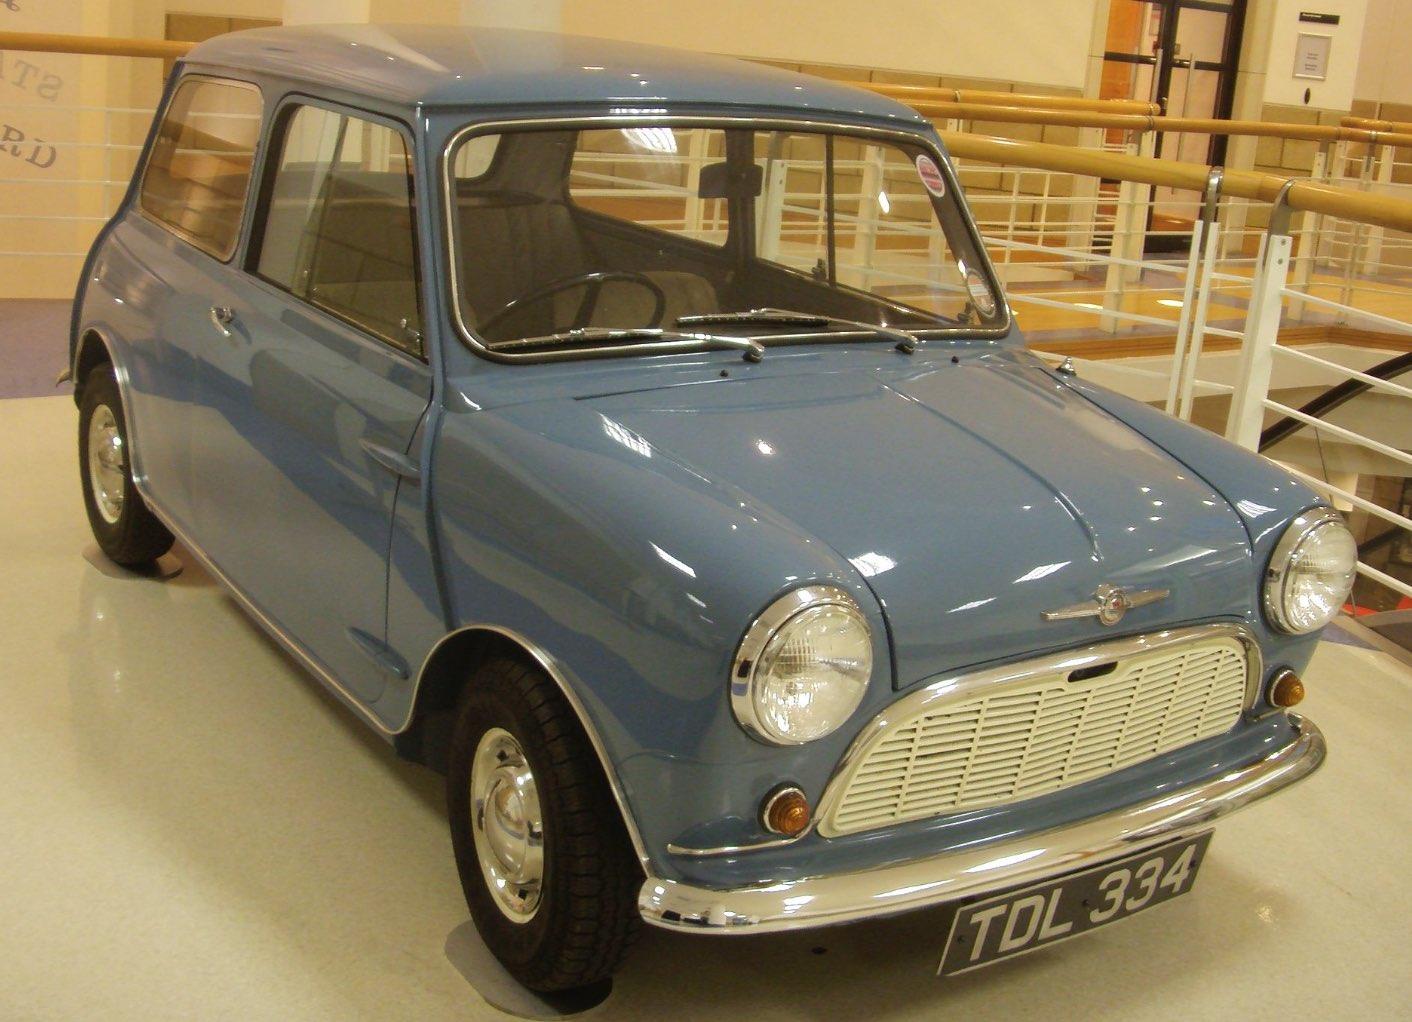 The original Mini